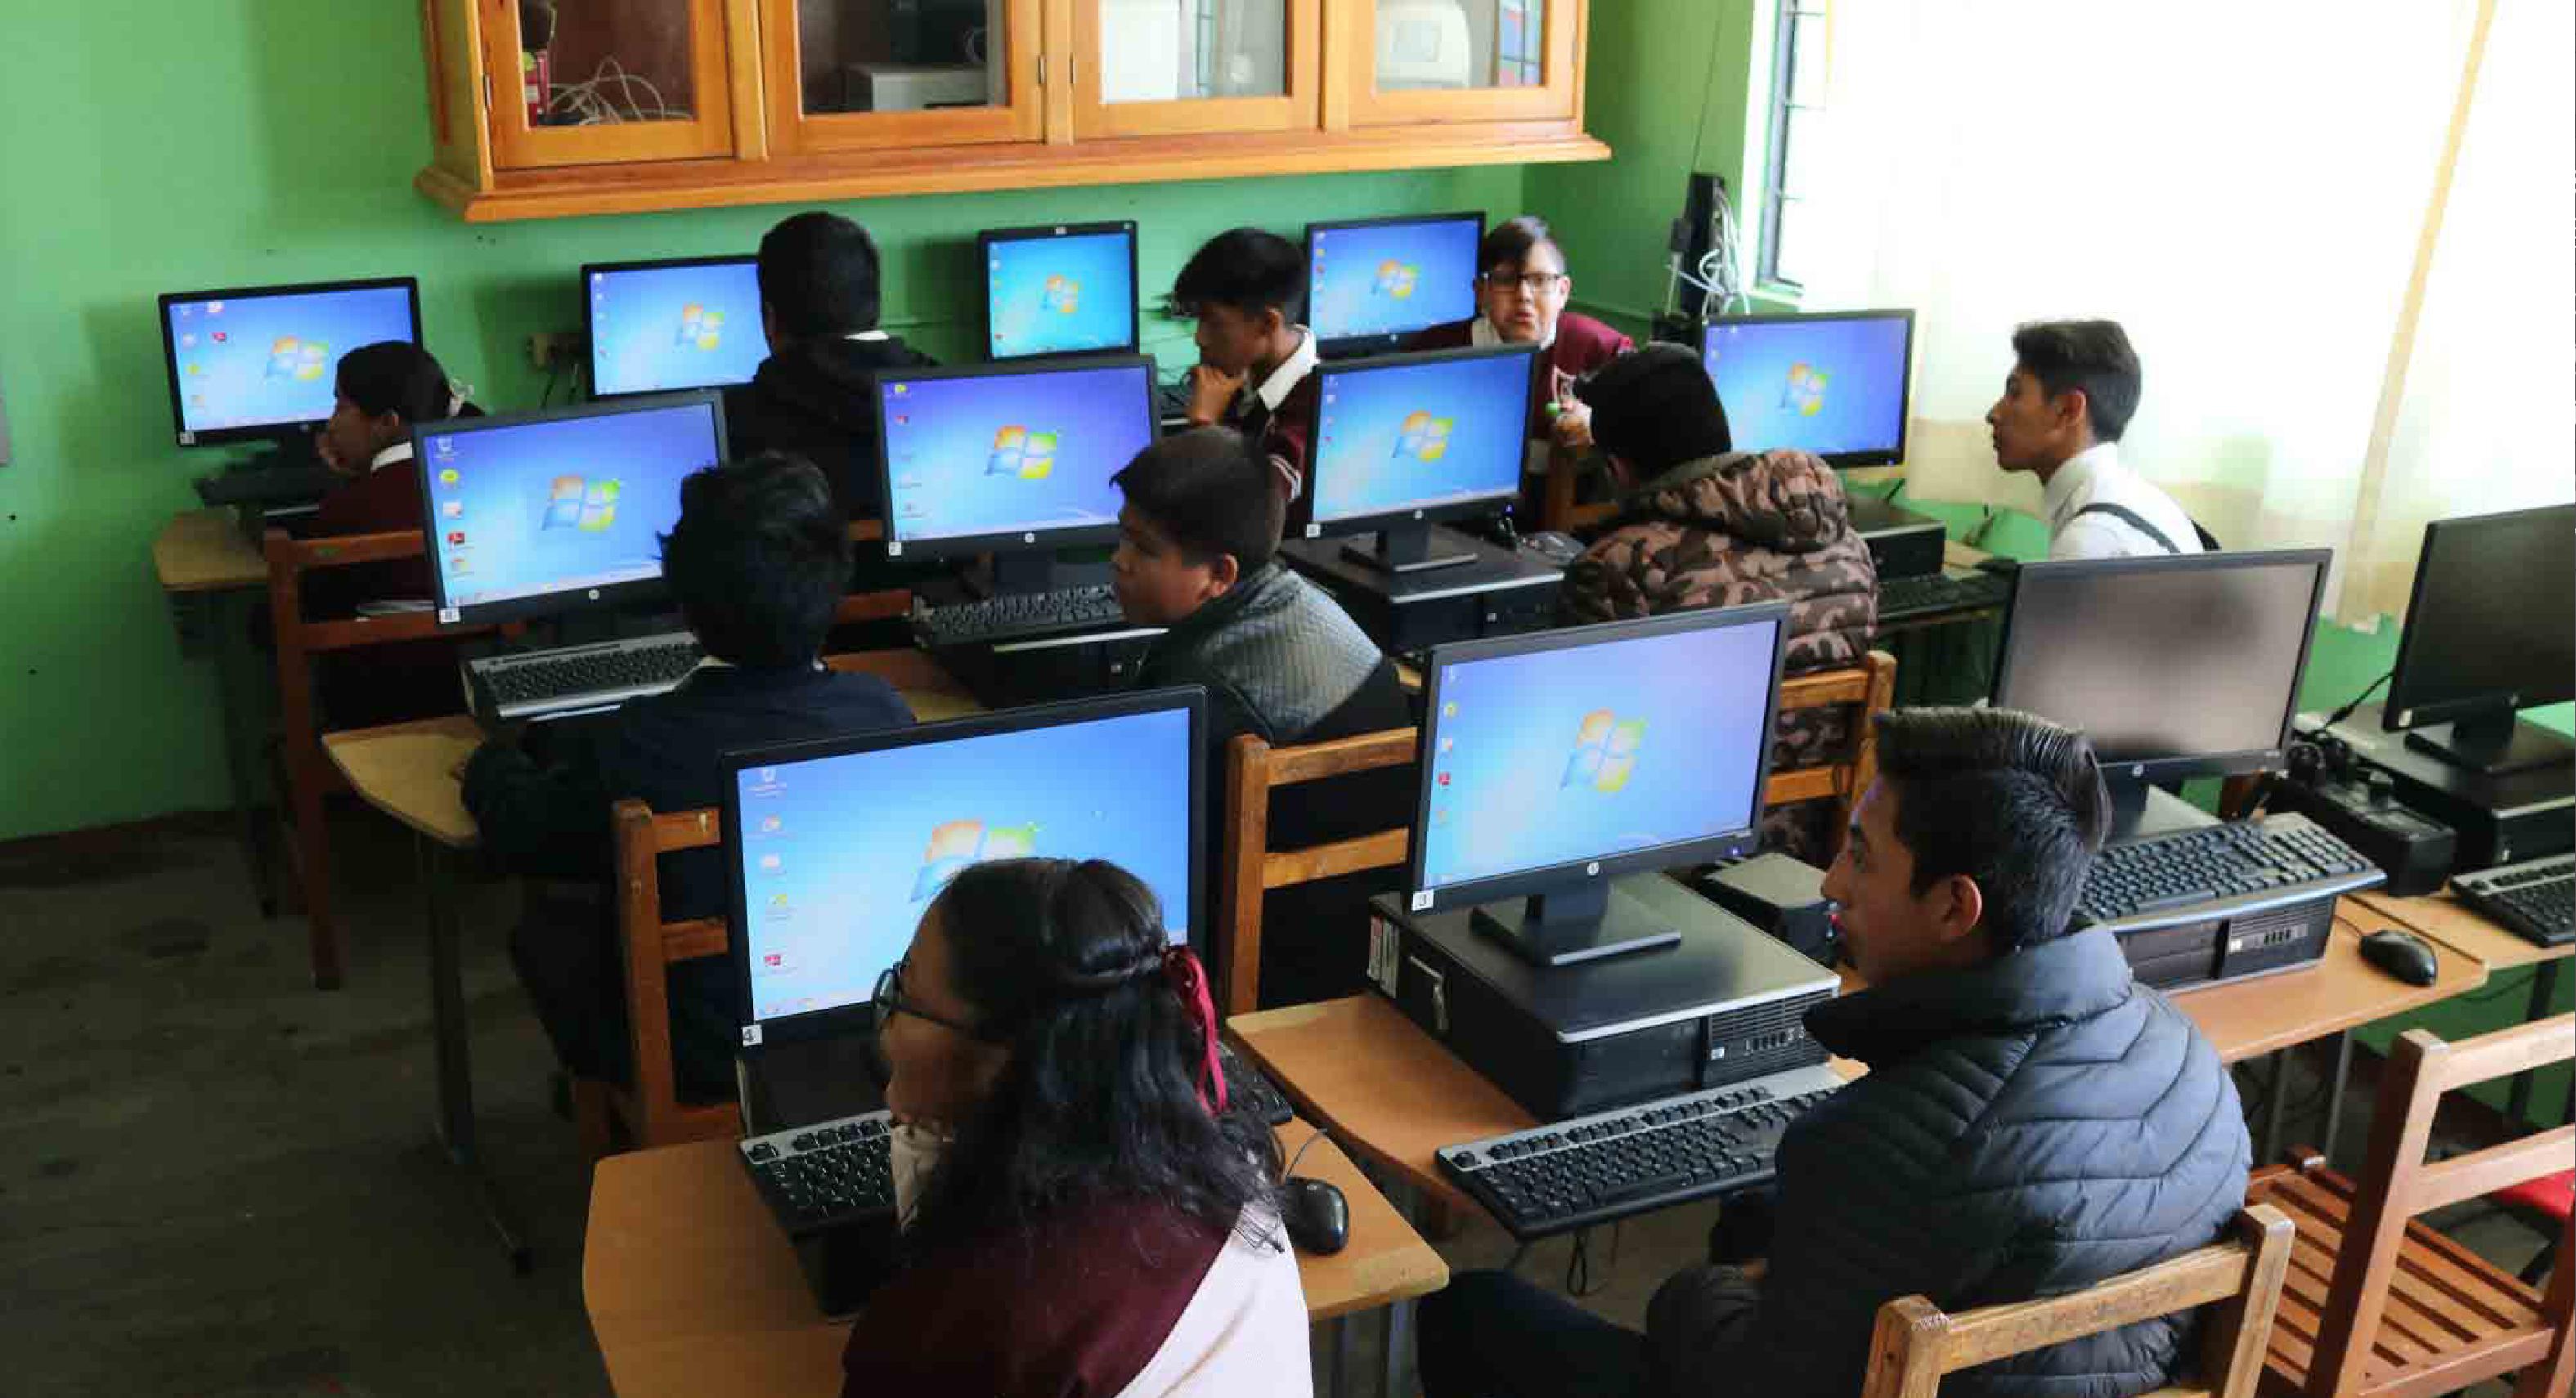 PAEB-EDOMEX || Cómo cambiar a tu hijo de escuela particular a escuela pública